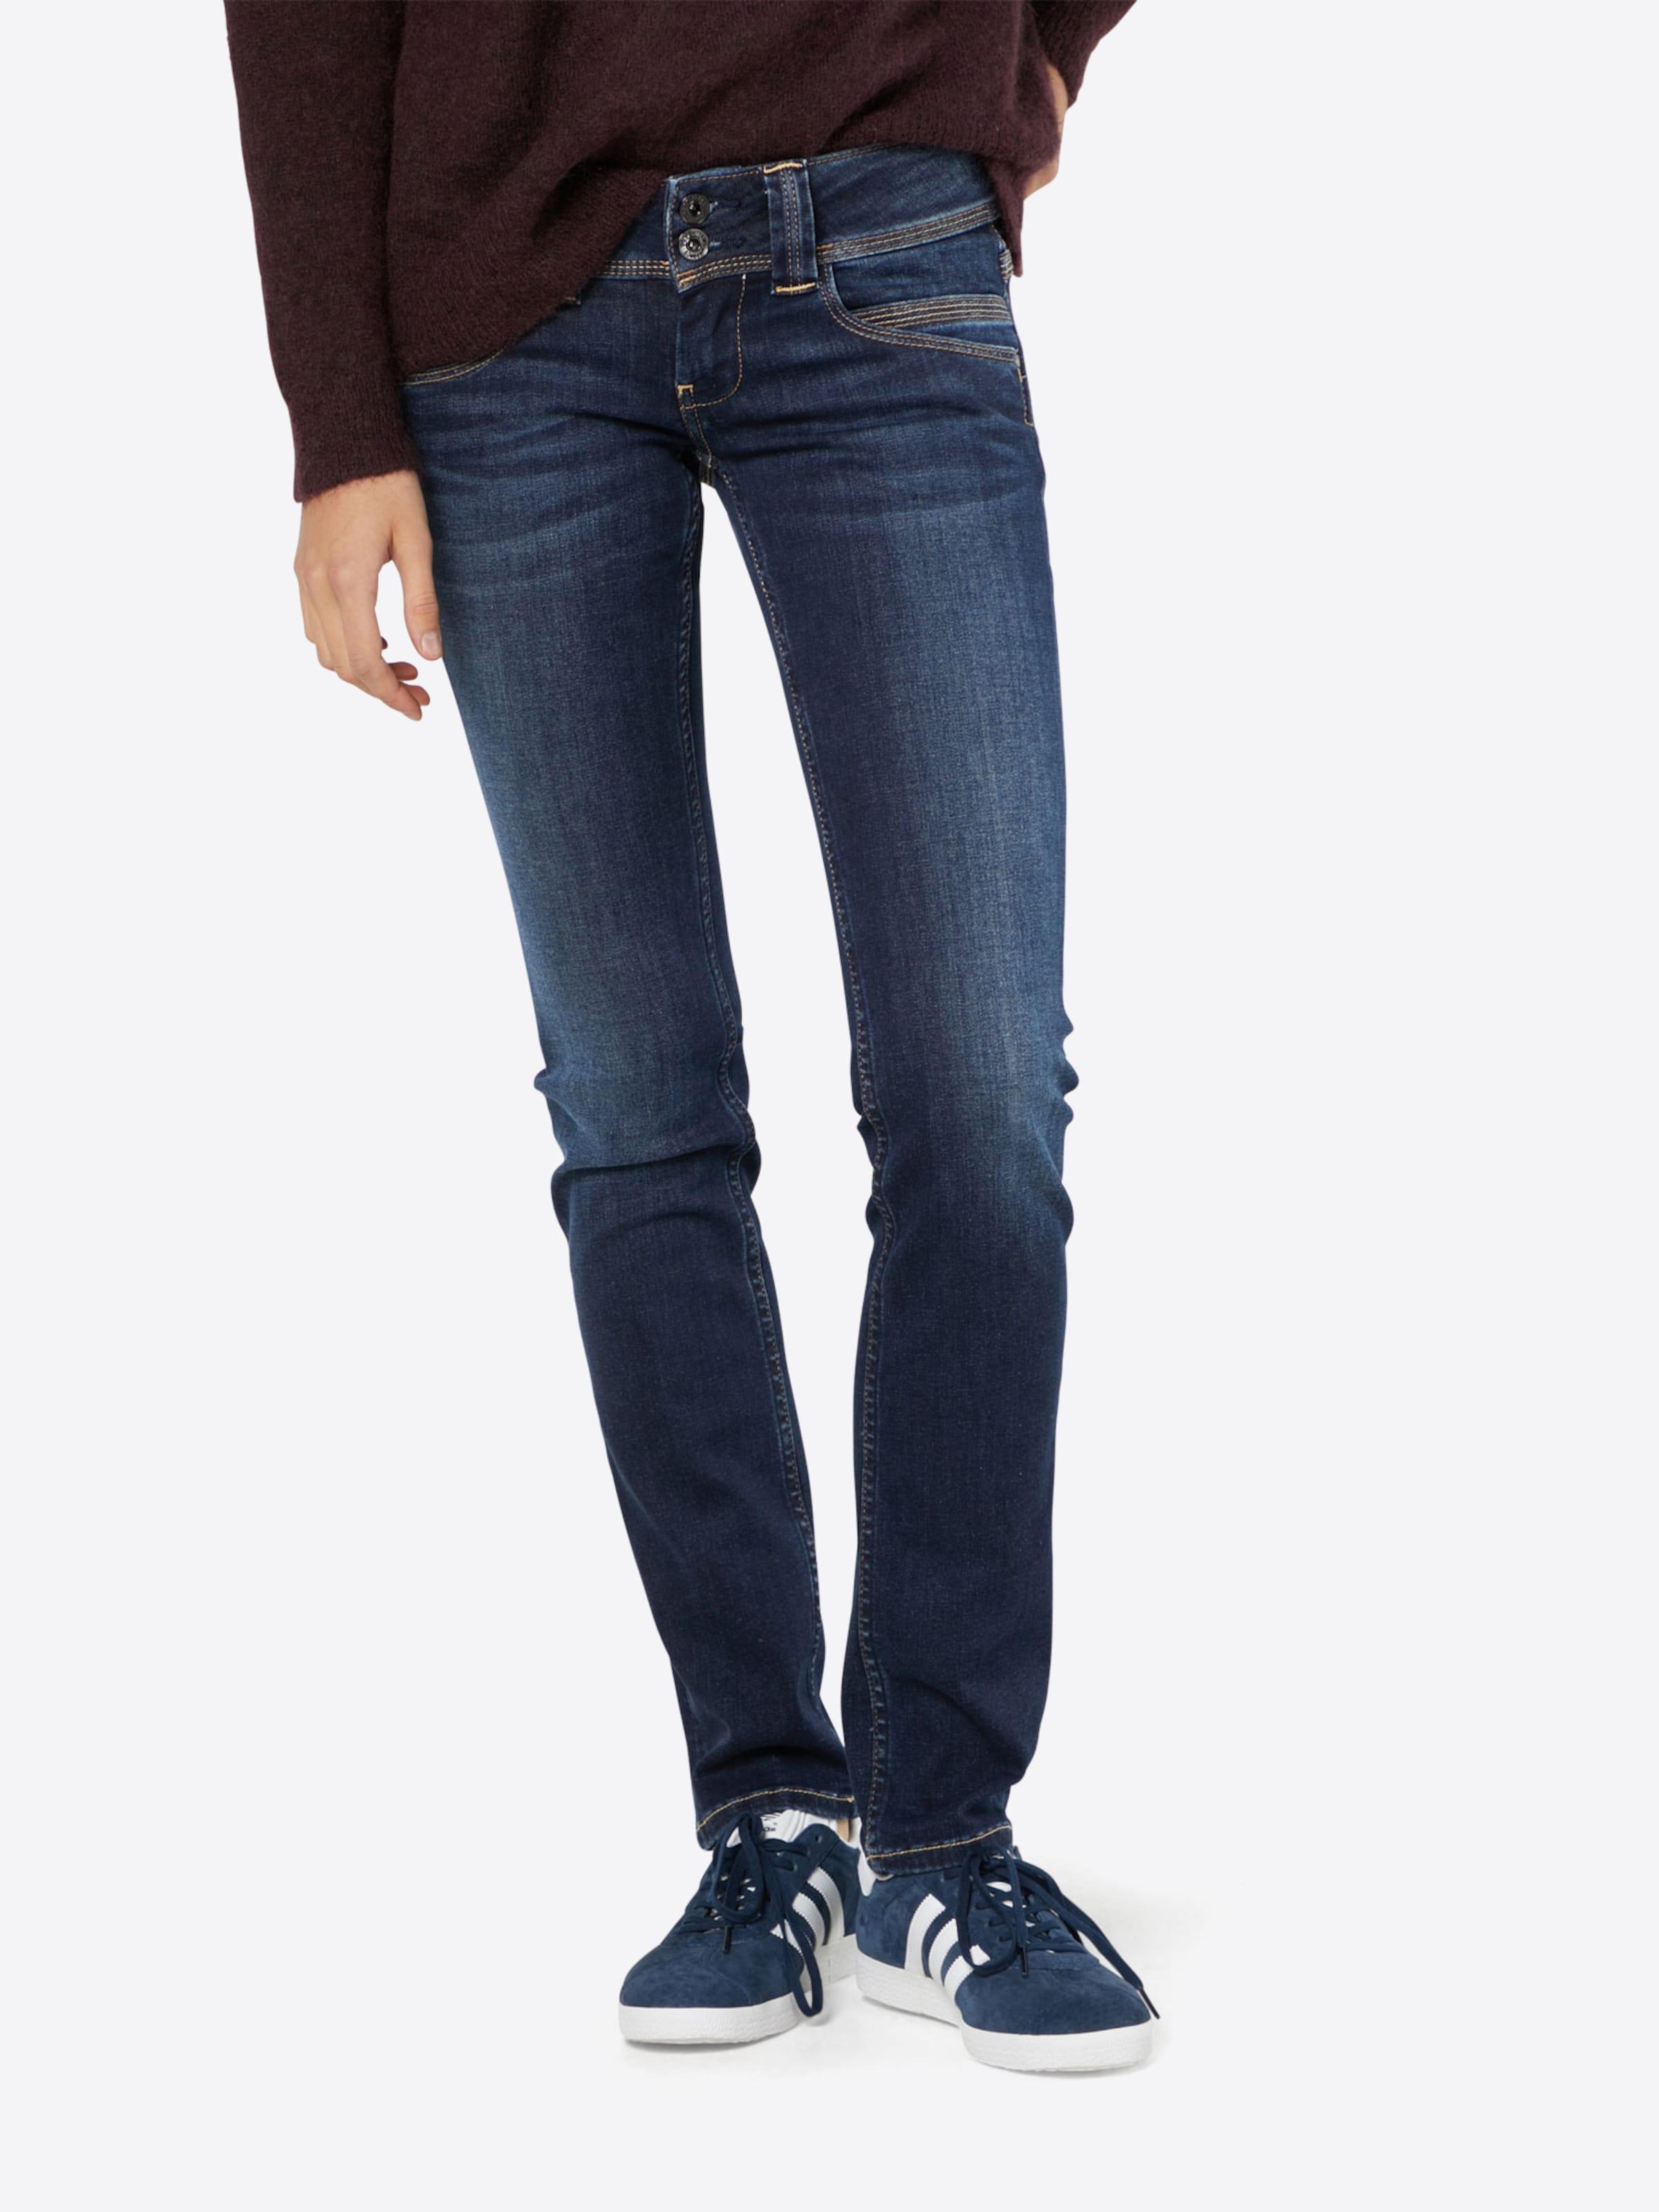 Blue Jeans Denim In Pepe 'venus' vwOym0nN8